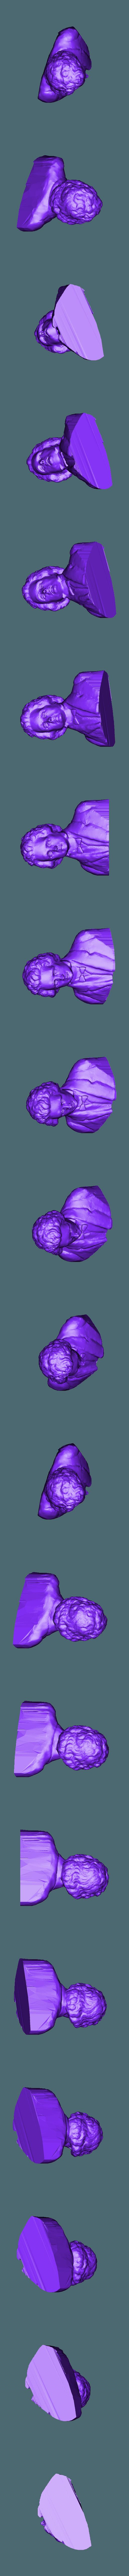 Homme Beethoven.stl Télécharger fichier STL gratuit Homme Beethoven • Design imprimable en 3D, augustin123